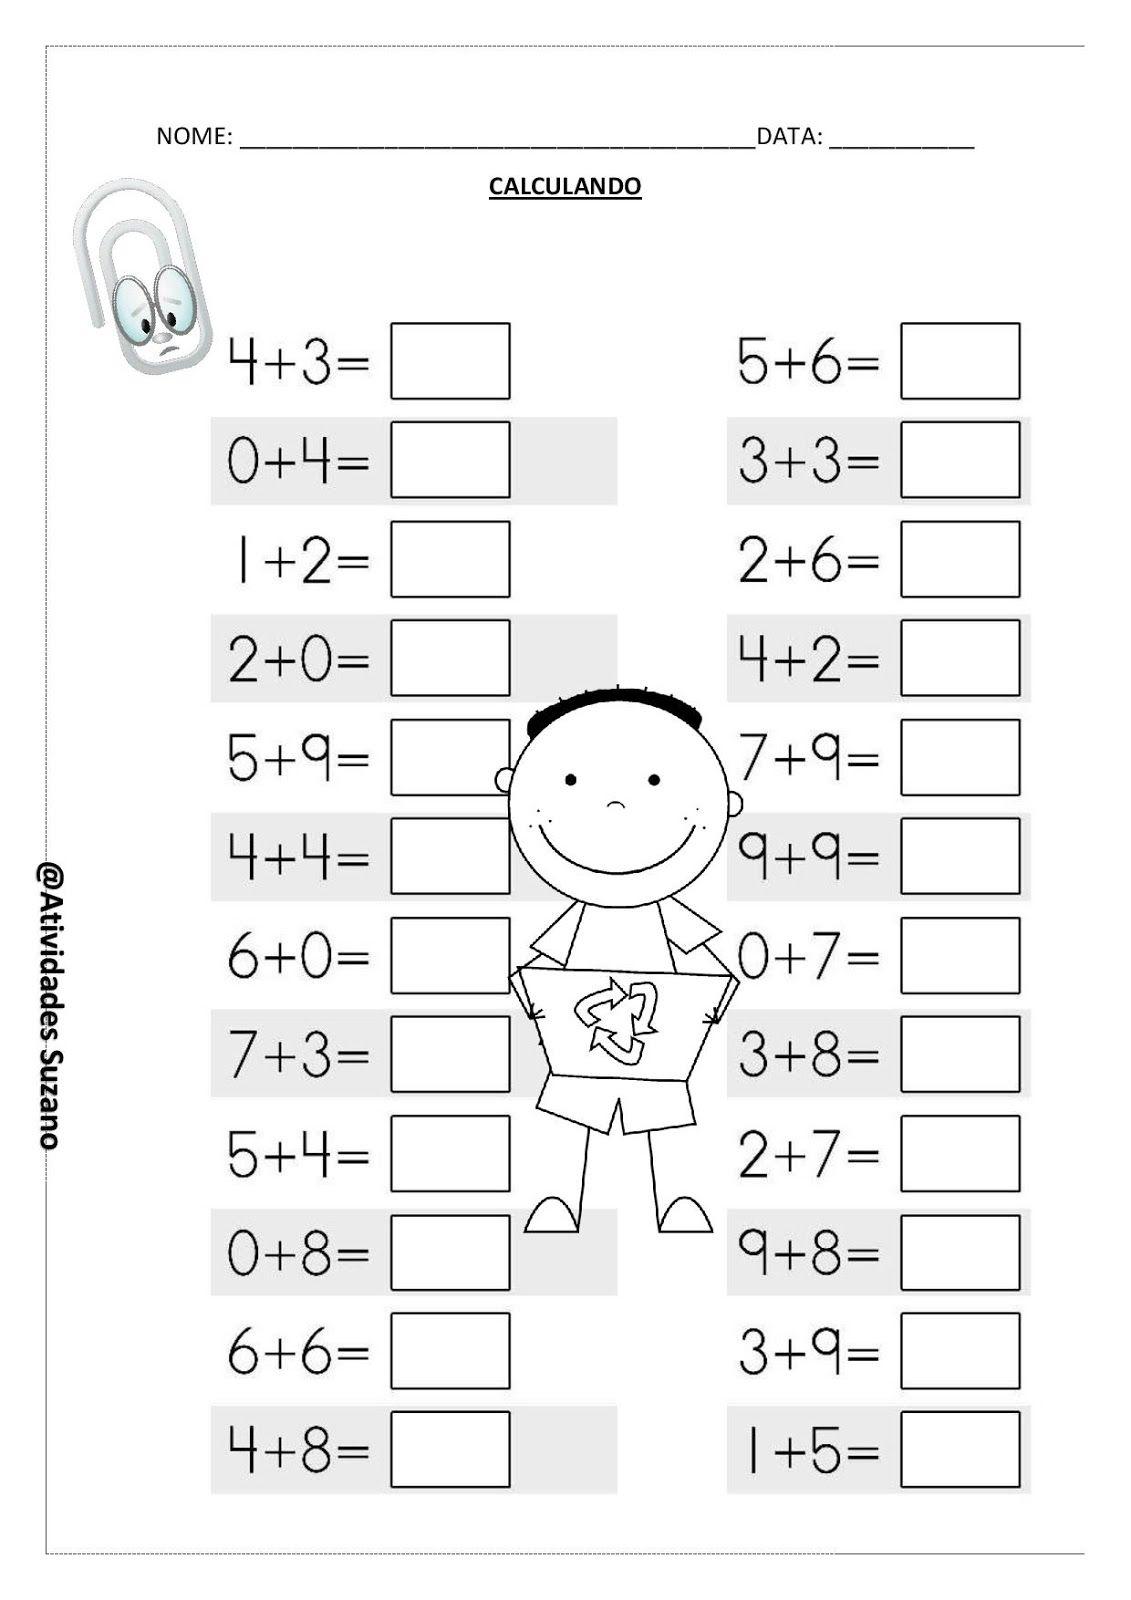 Pin von Ada Abreu auf Matematica | Pinterest | Mathe und Lernen